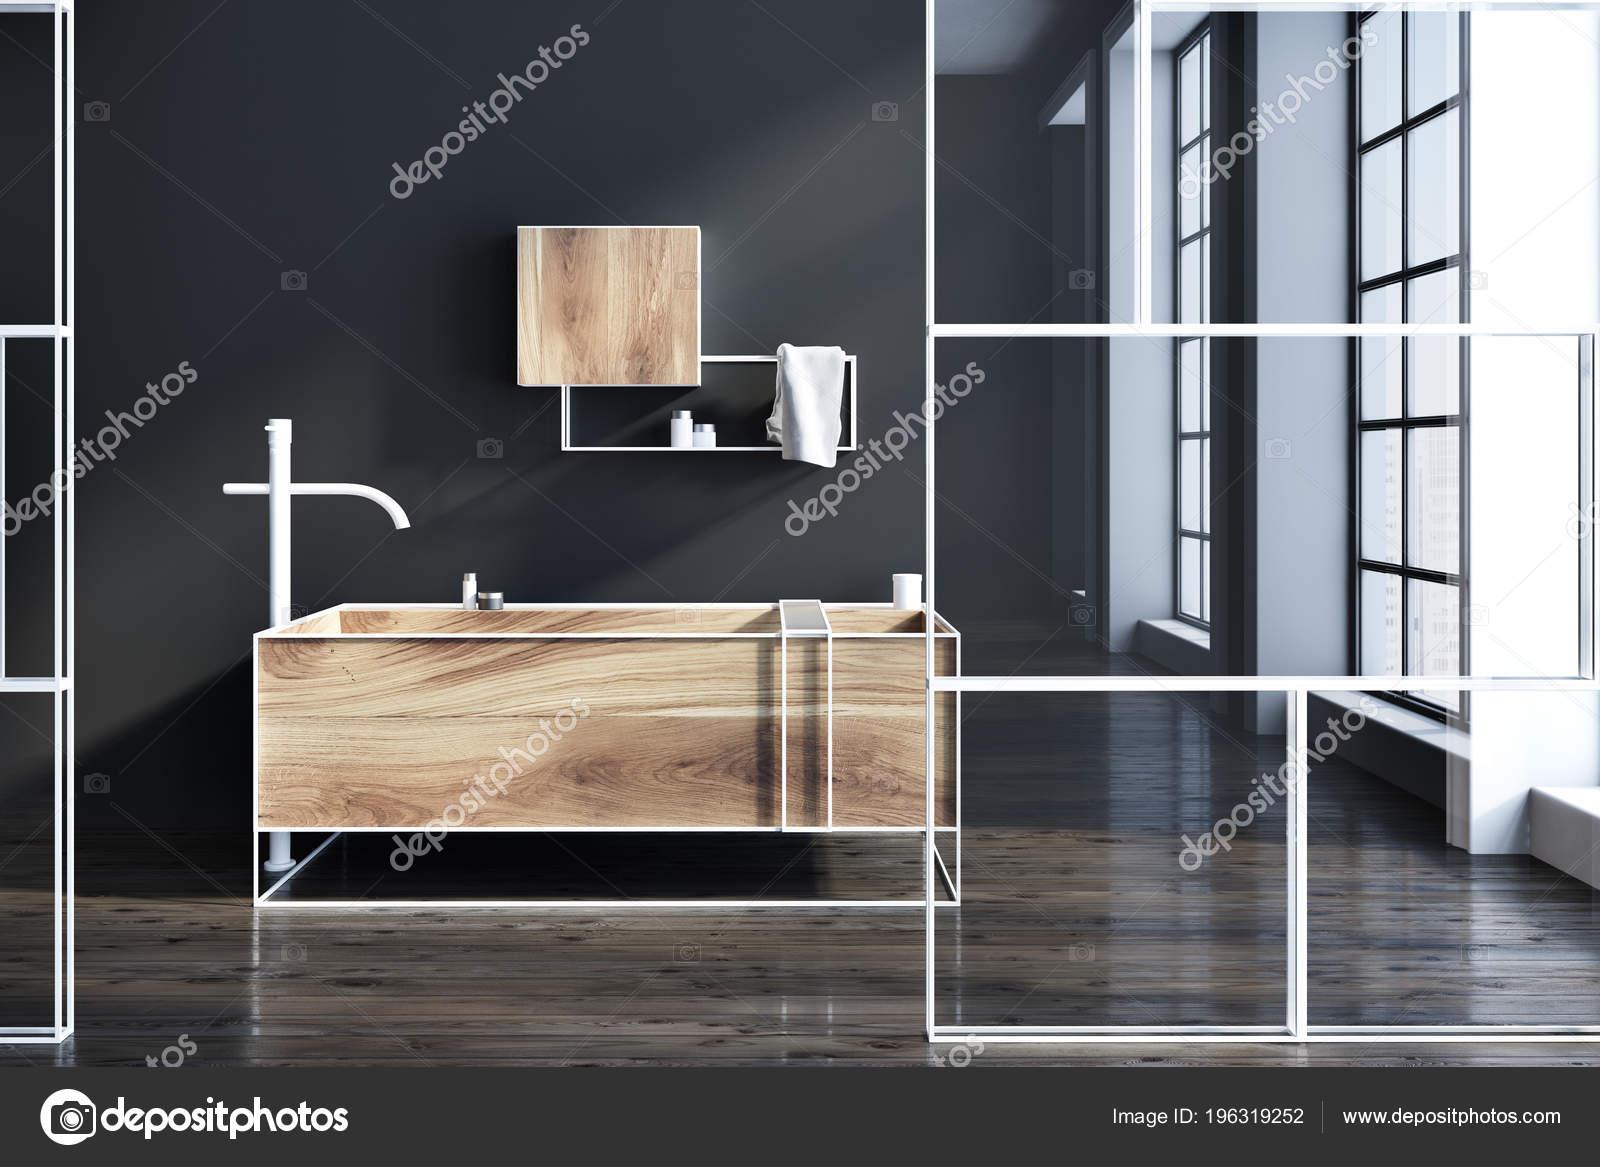 Vasca Da Bagno Con Vetro : Vista laterale interno futuristico bagno con pareti nere una vasca